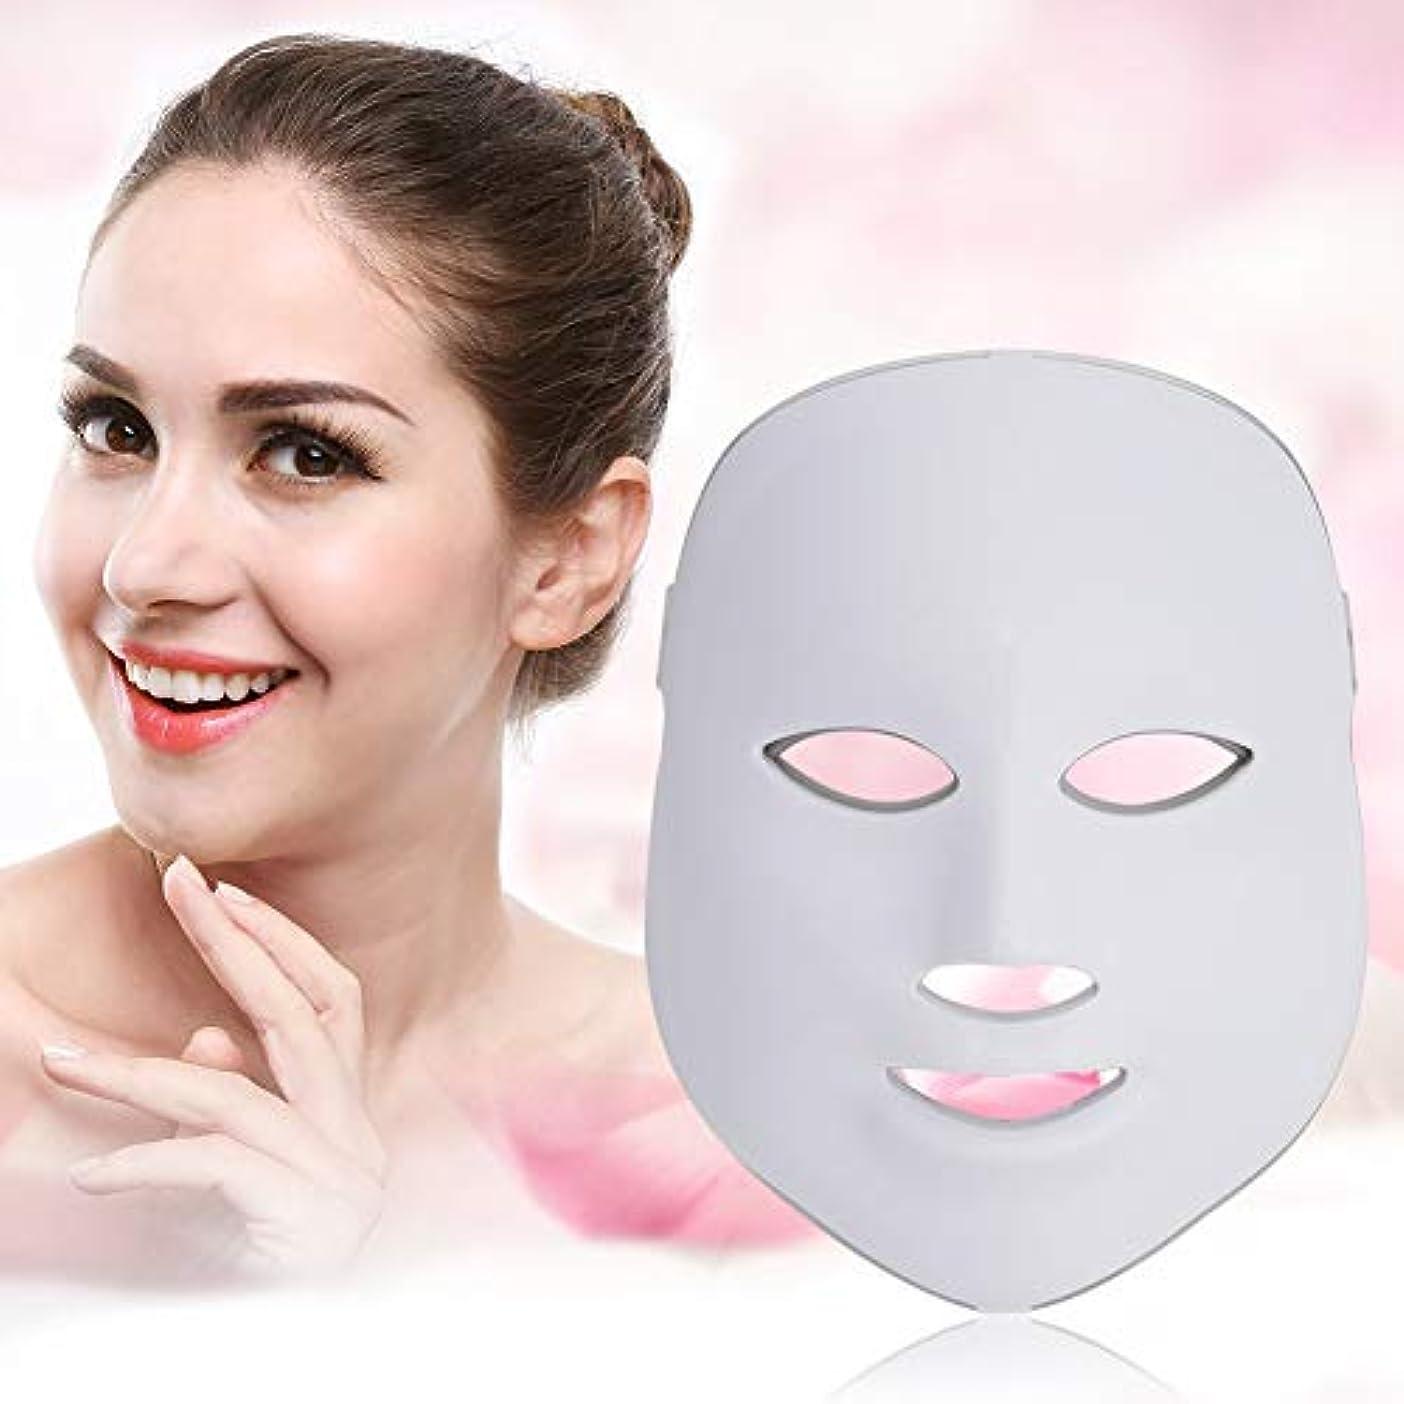 構成する劇作家型7色Ledフェイスマスク-顔&首光肌若返りスキンケアマスク、しわを改善、引き締め、滑らかな肌(米国のプラグ)